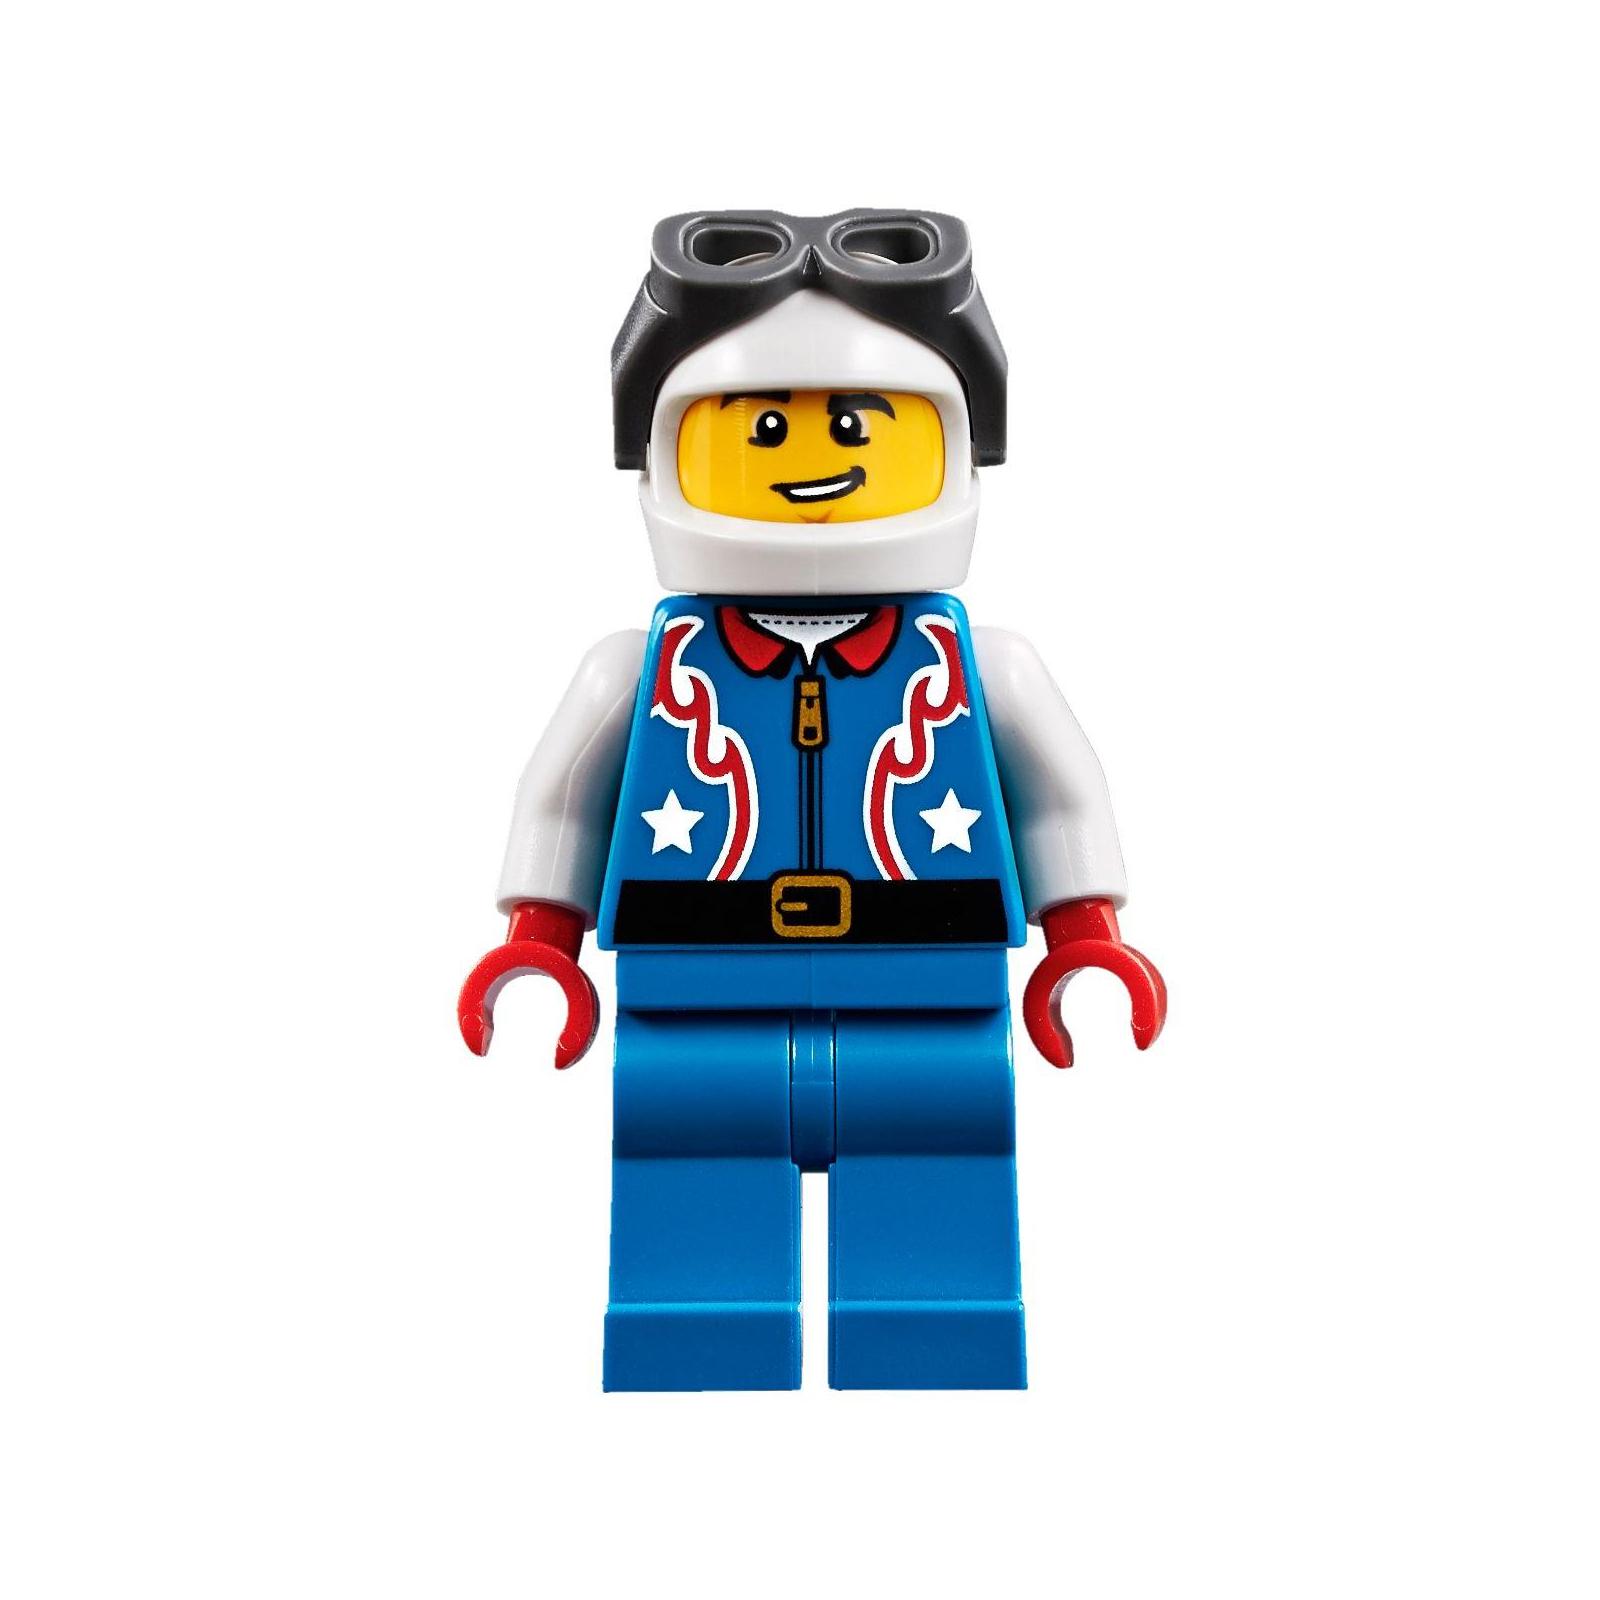 Конструктор LEGO Creator Бесстрашный самолет высшего пилотажа (31076) изображение 6